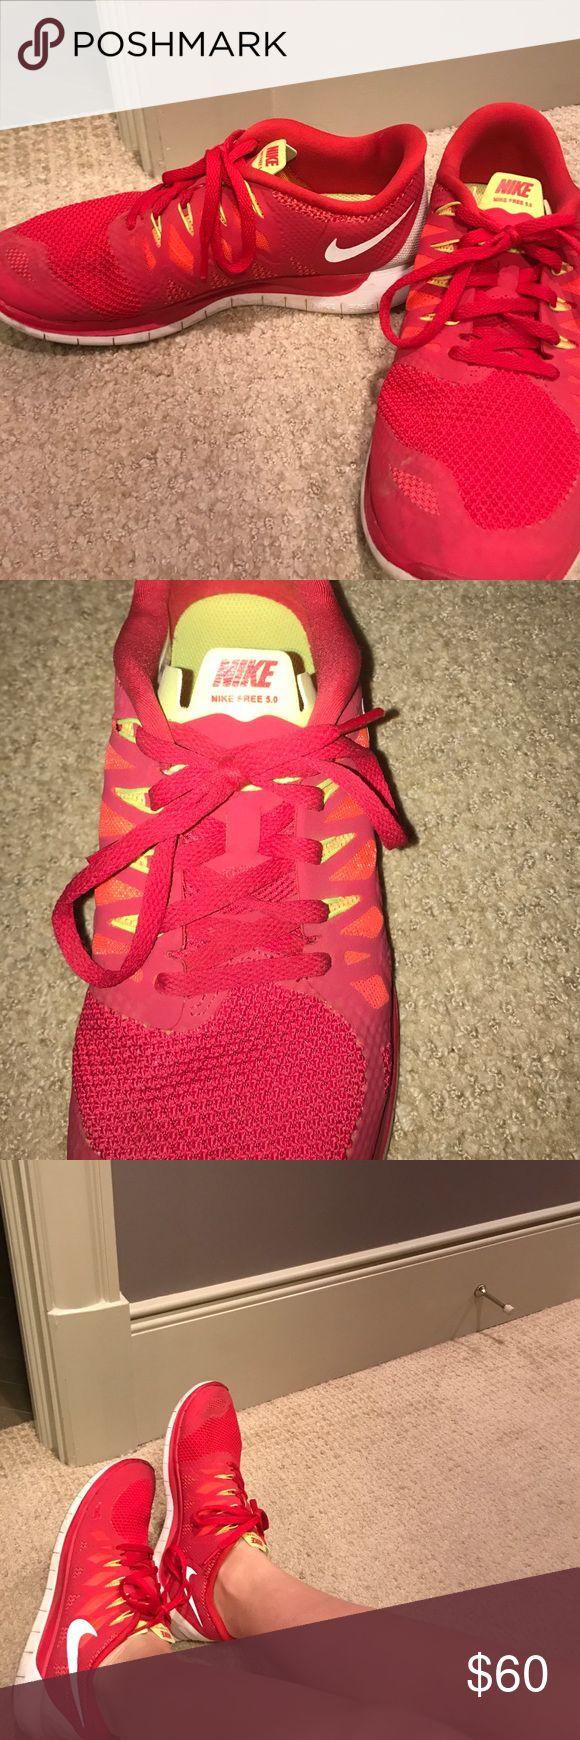 nike free run 5.0 pink yellow